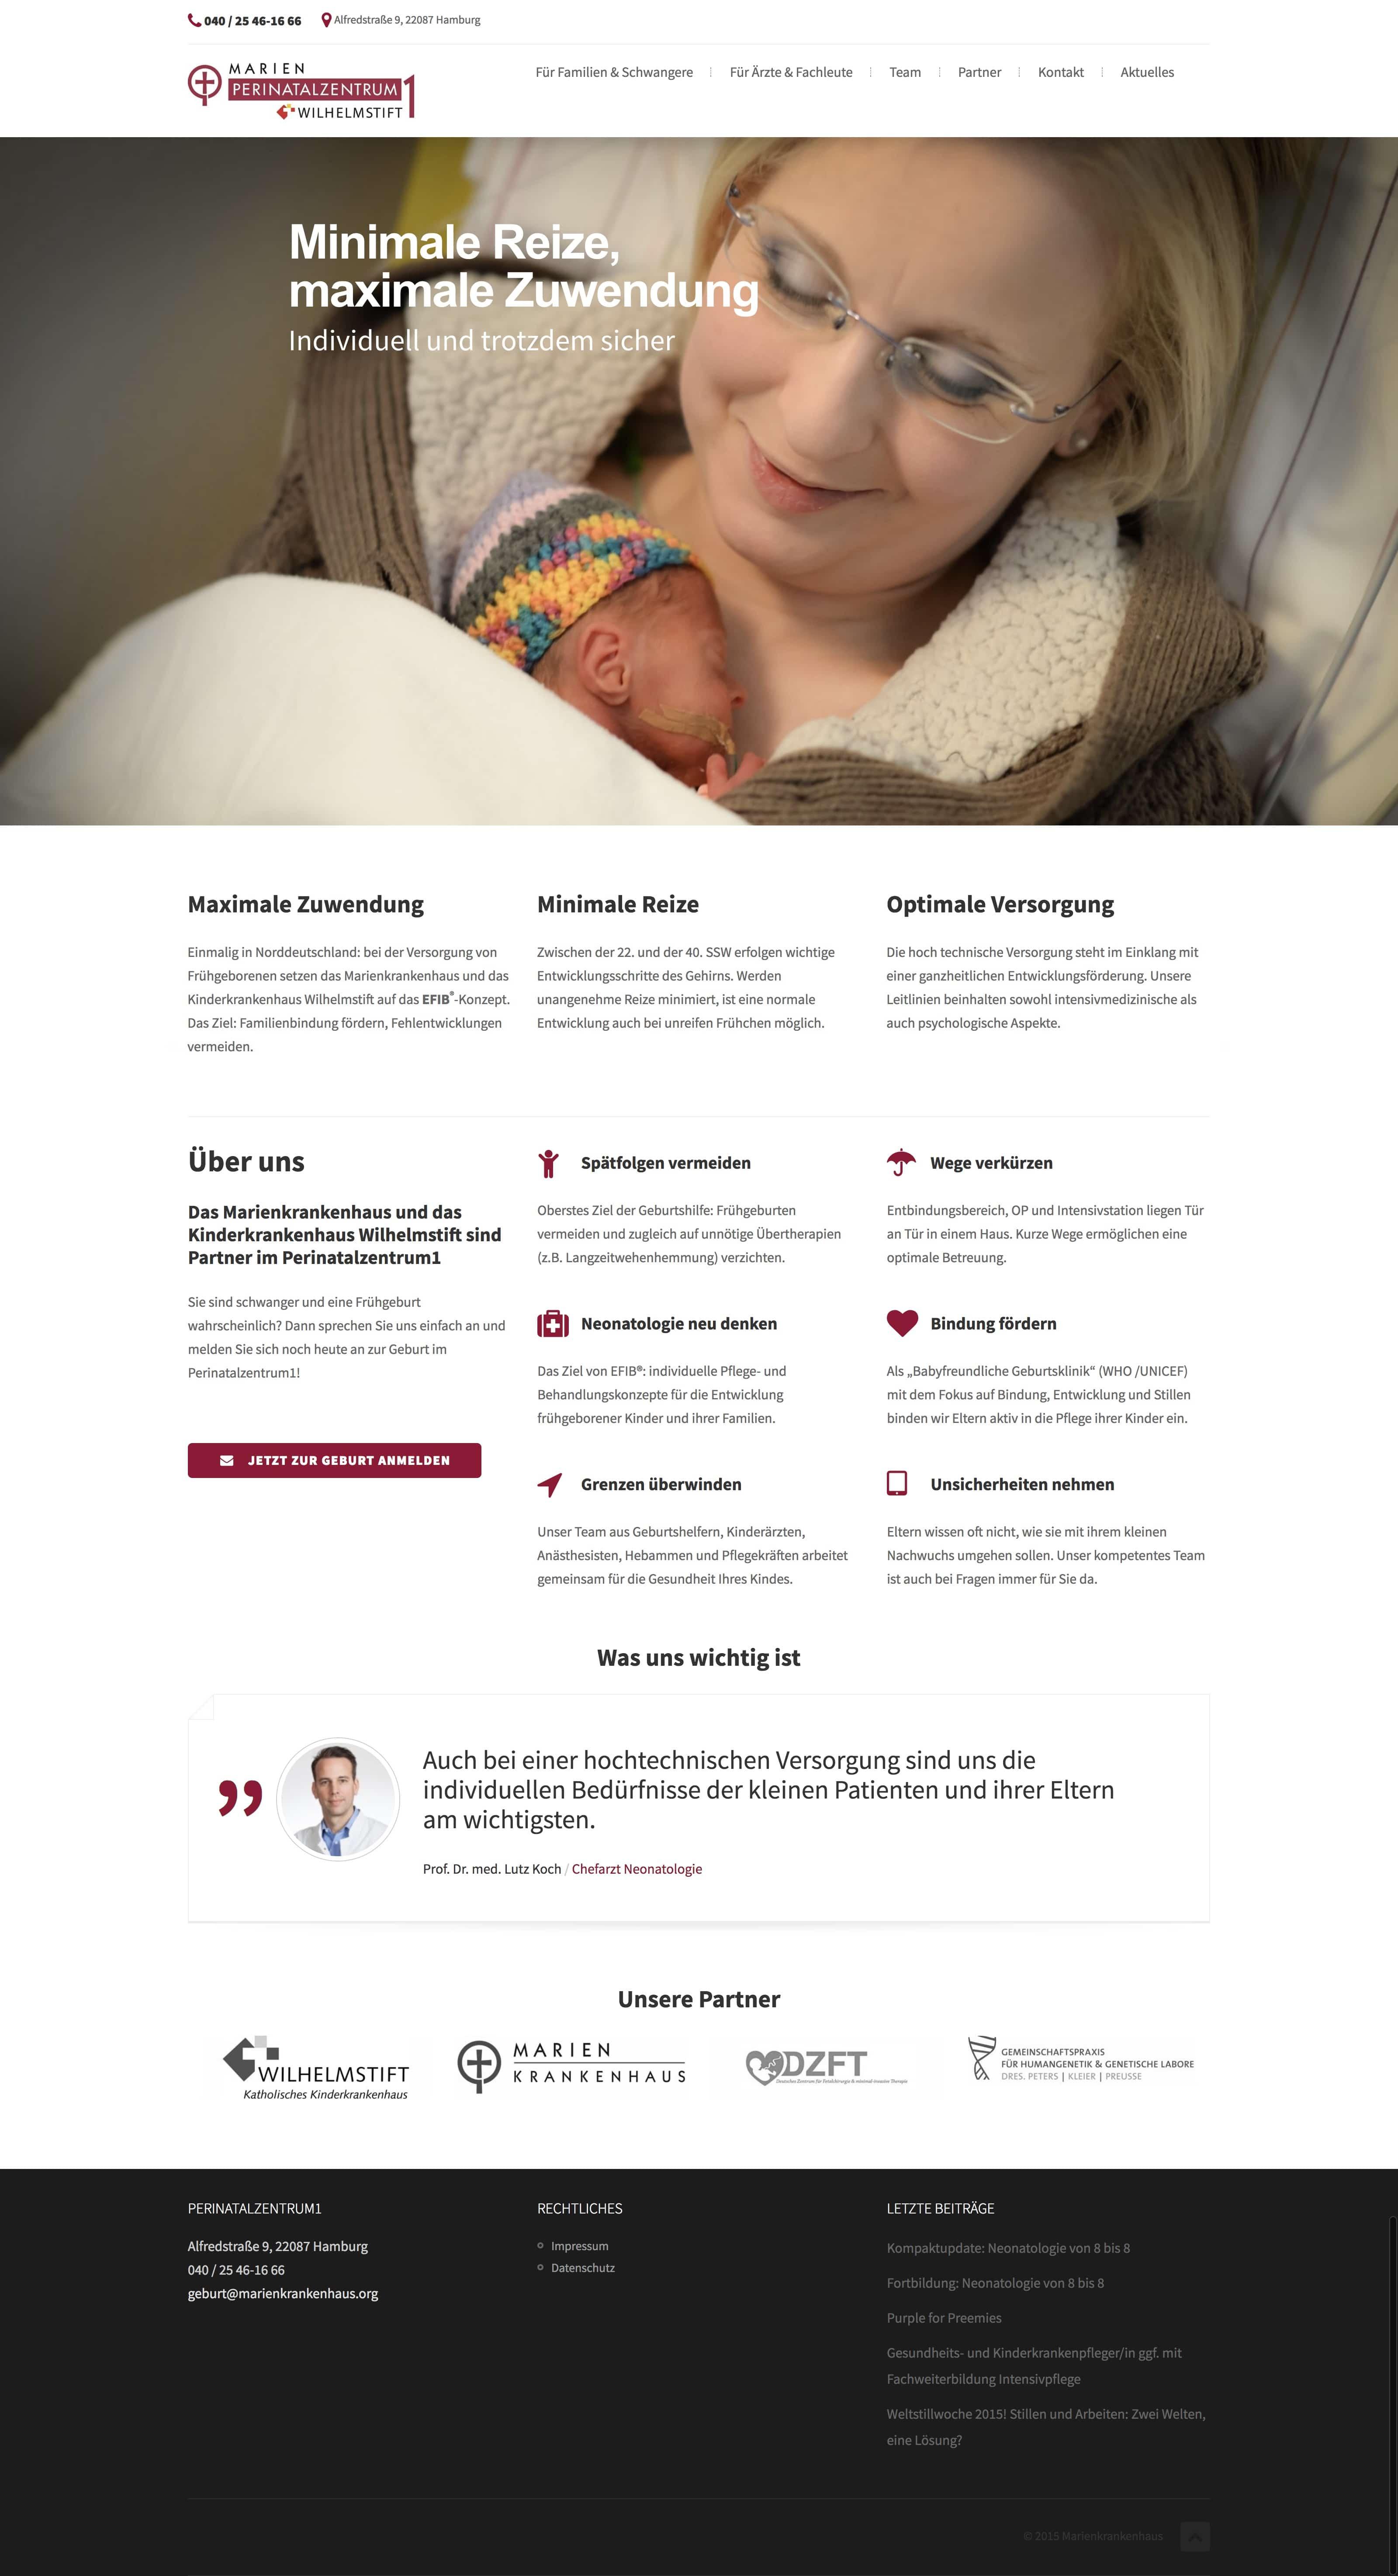 WebsitePrenatalzentrumLevel